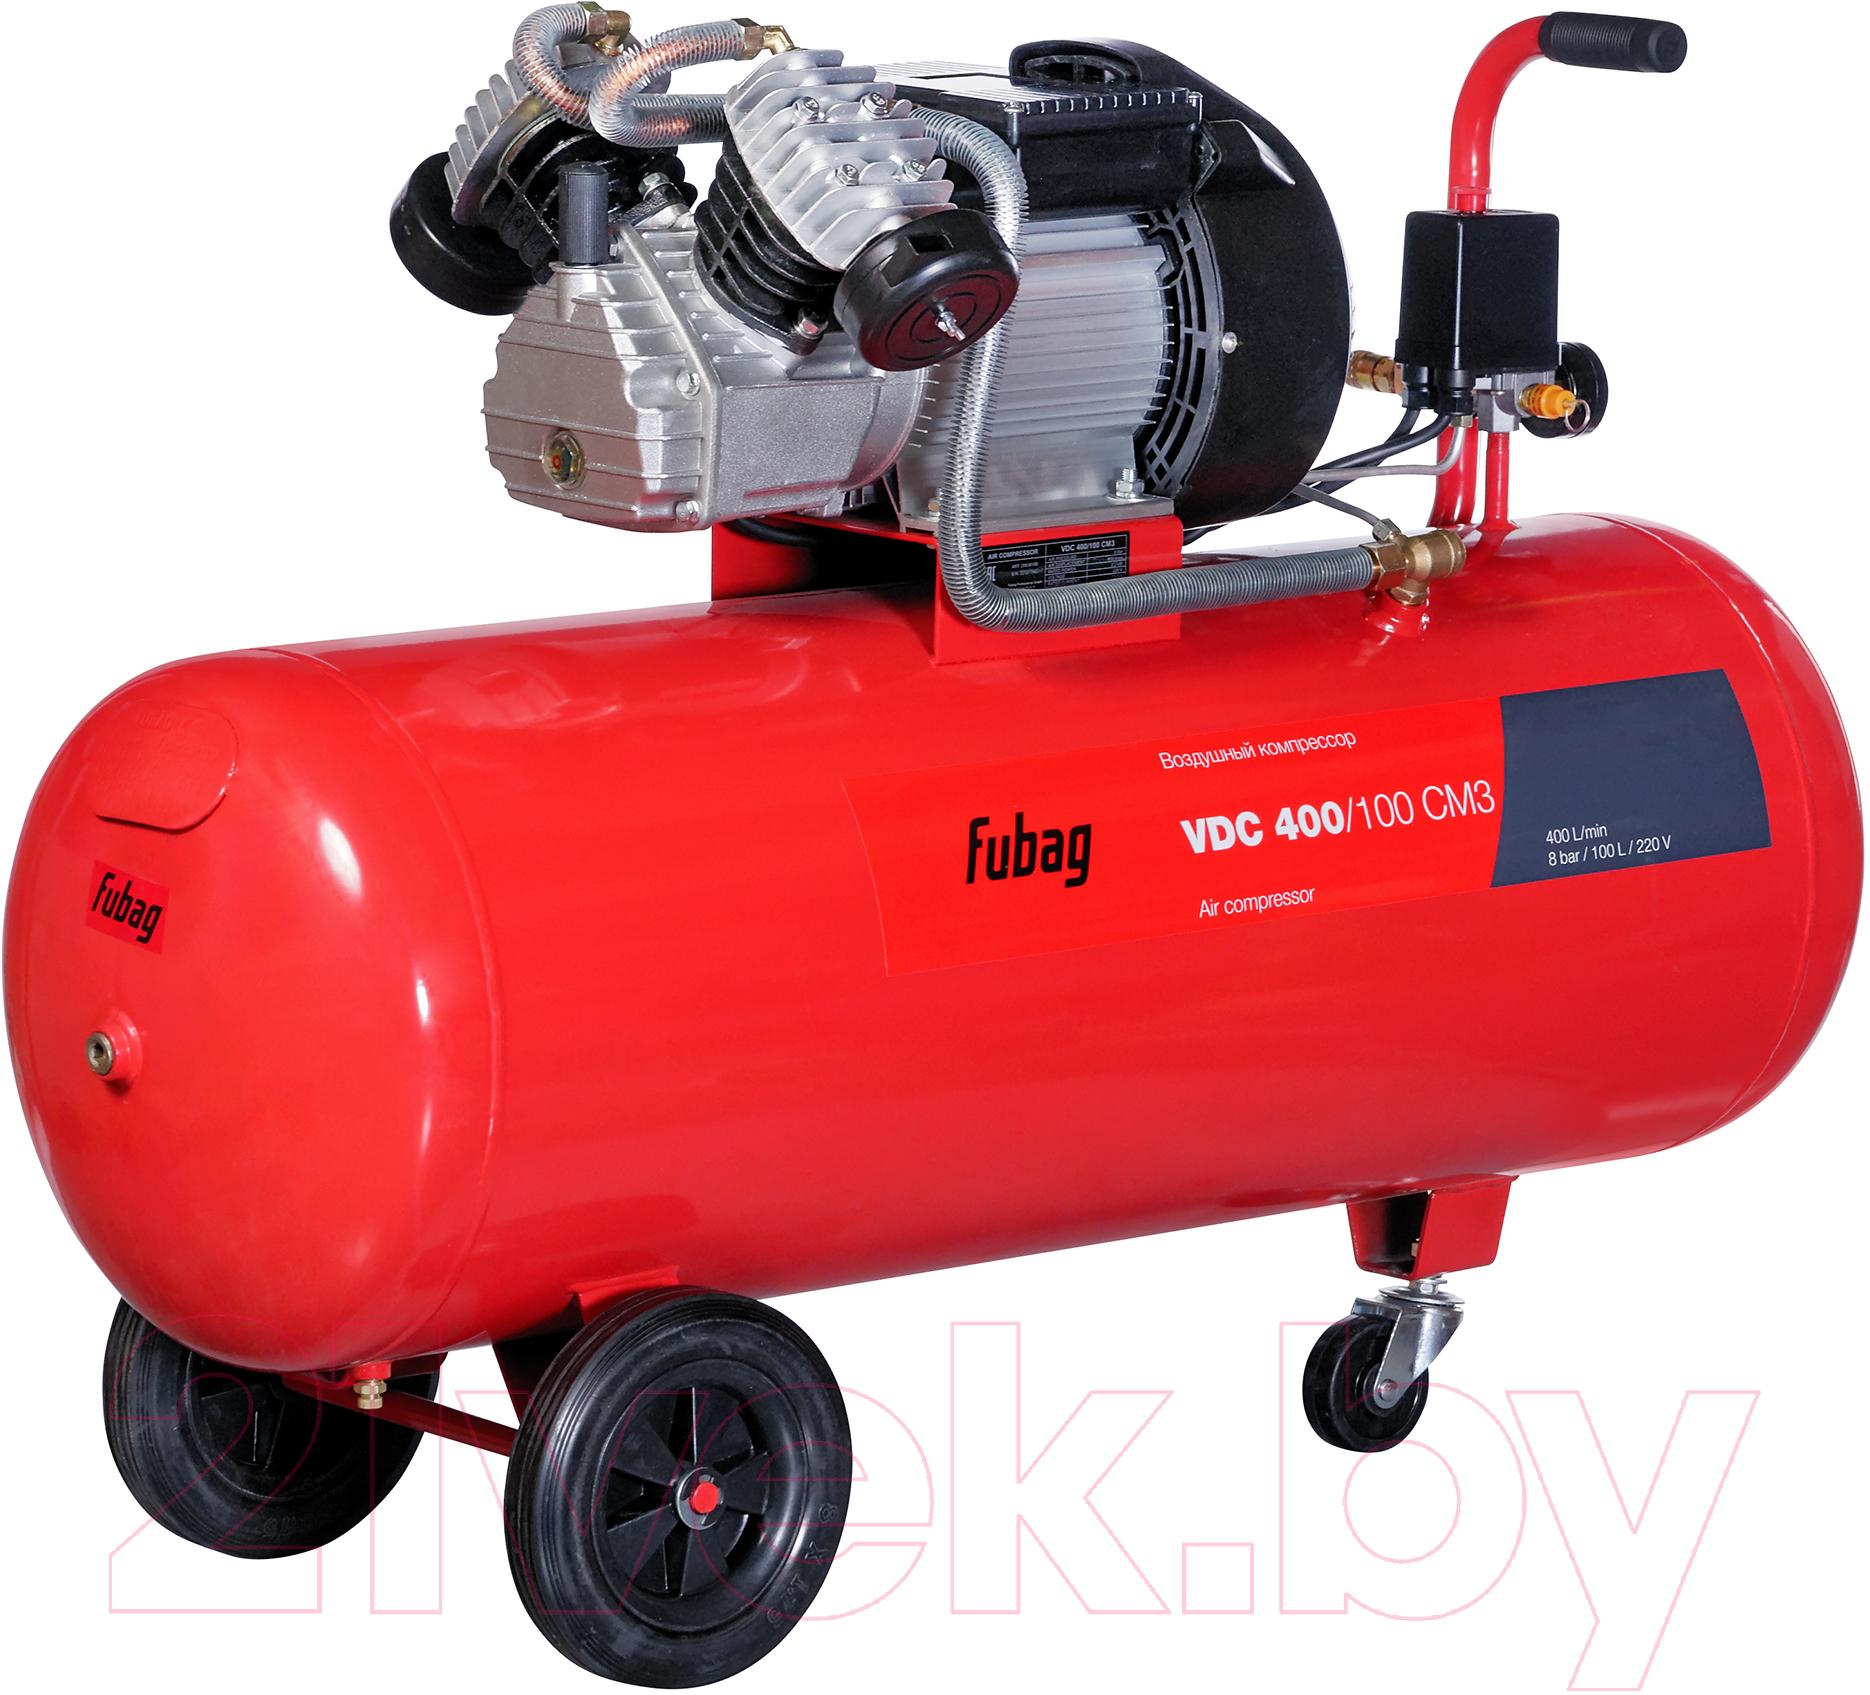 Купить Воздушный компрессор Fubag, VDC 400/100 CM3 (29838185), Китай